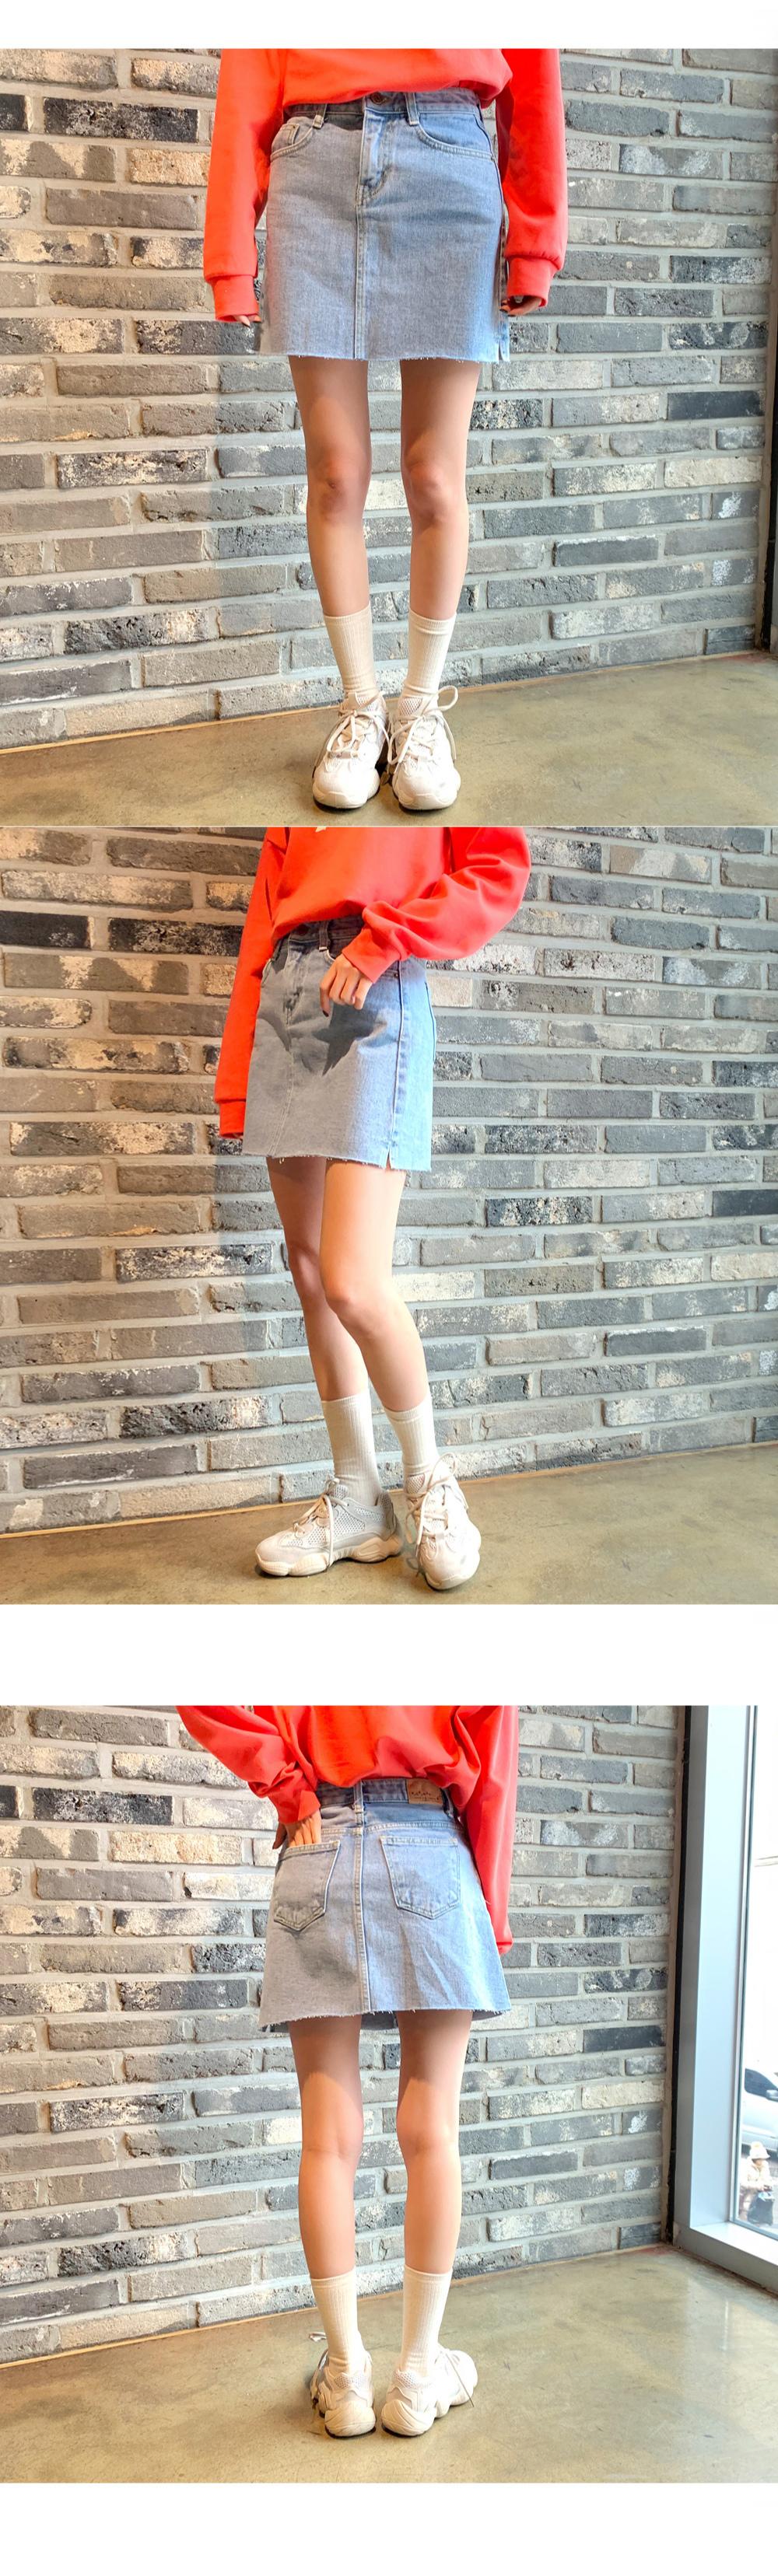 T-line denim skirt